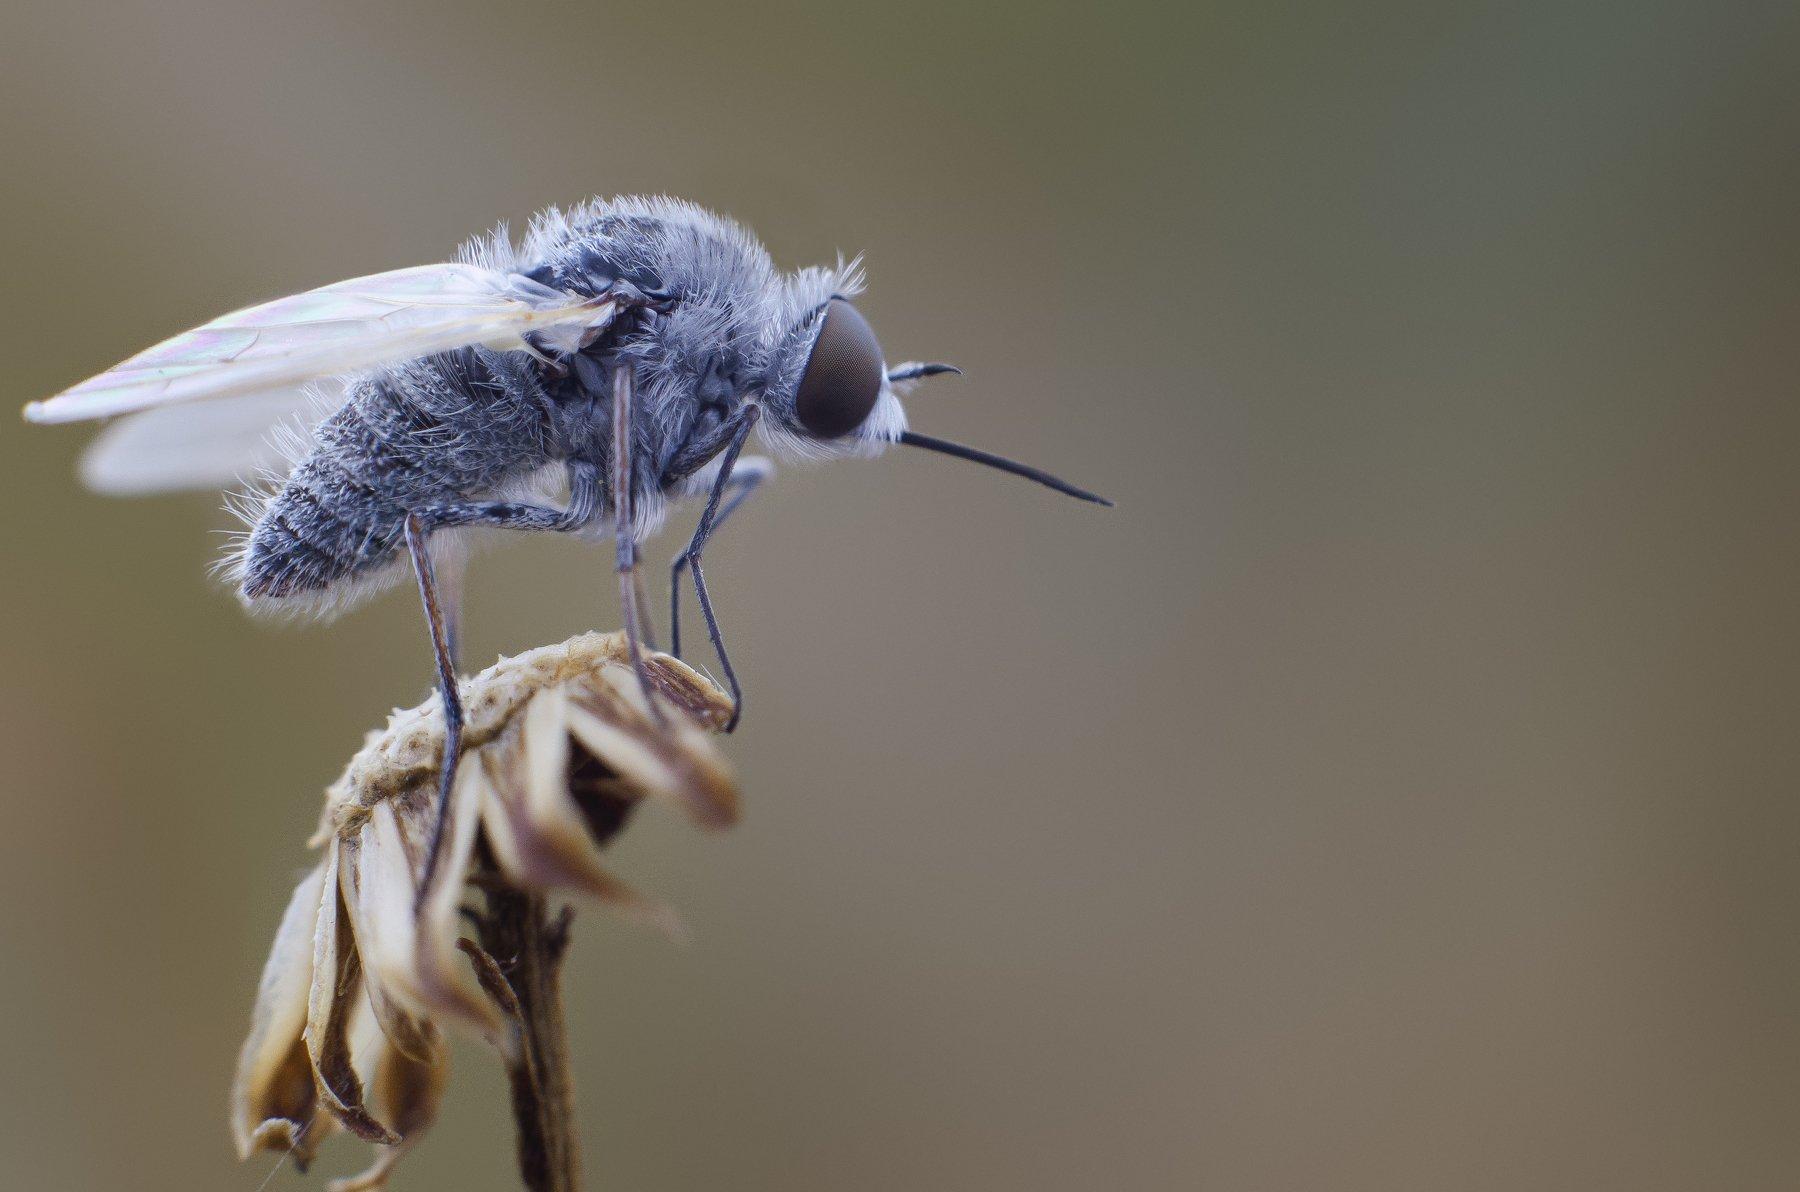 макро, насекомое, Ренат Тугушев